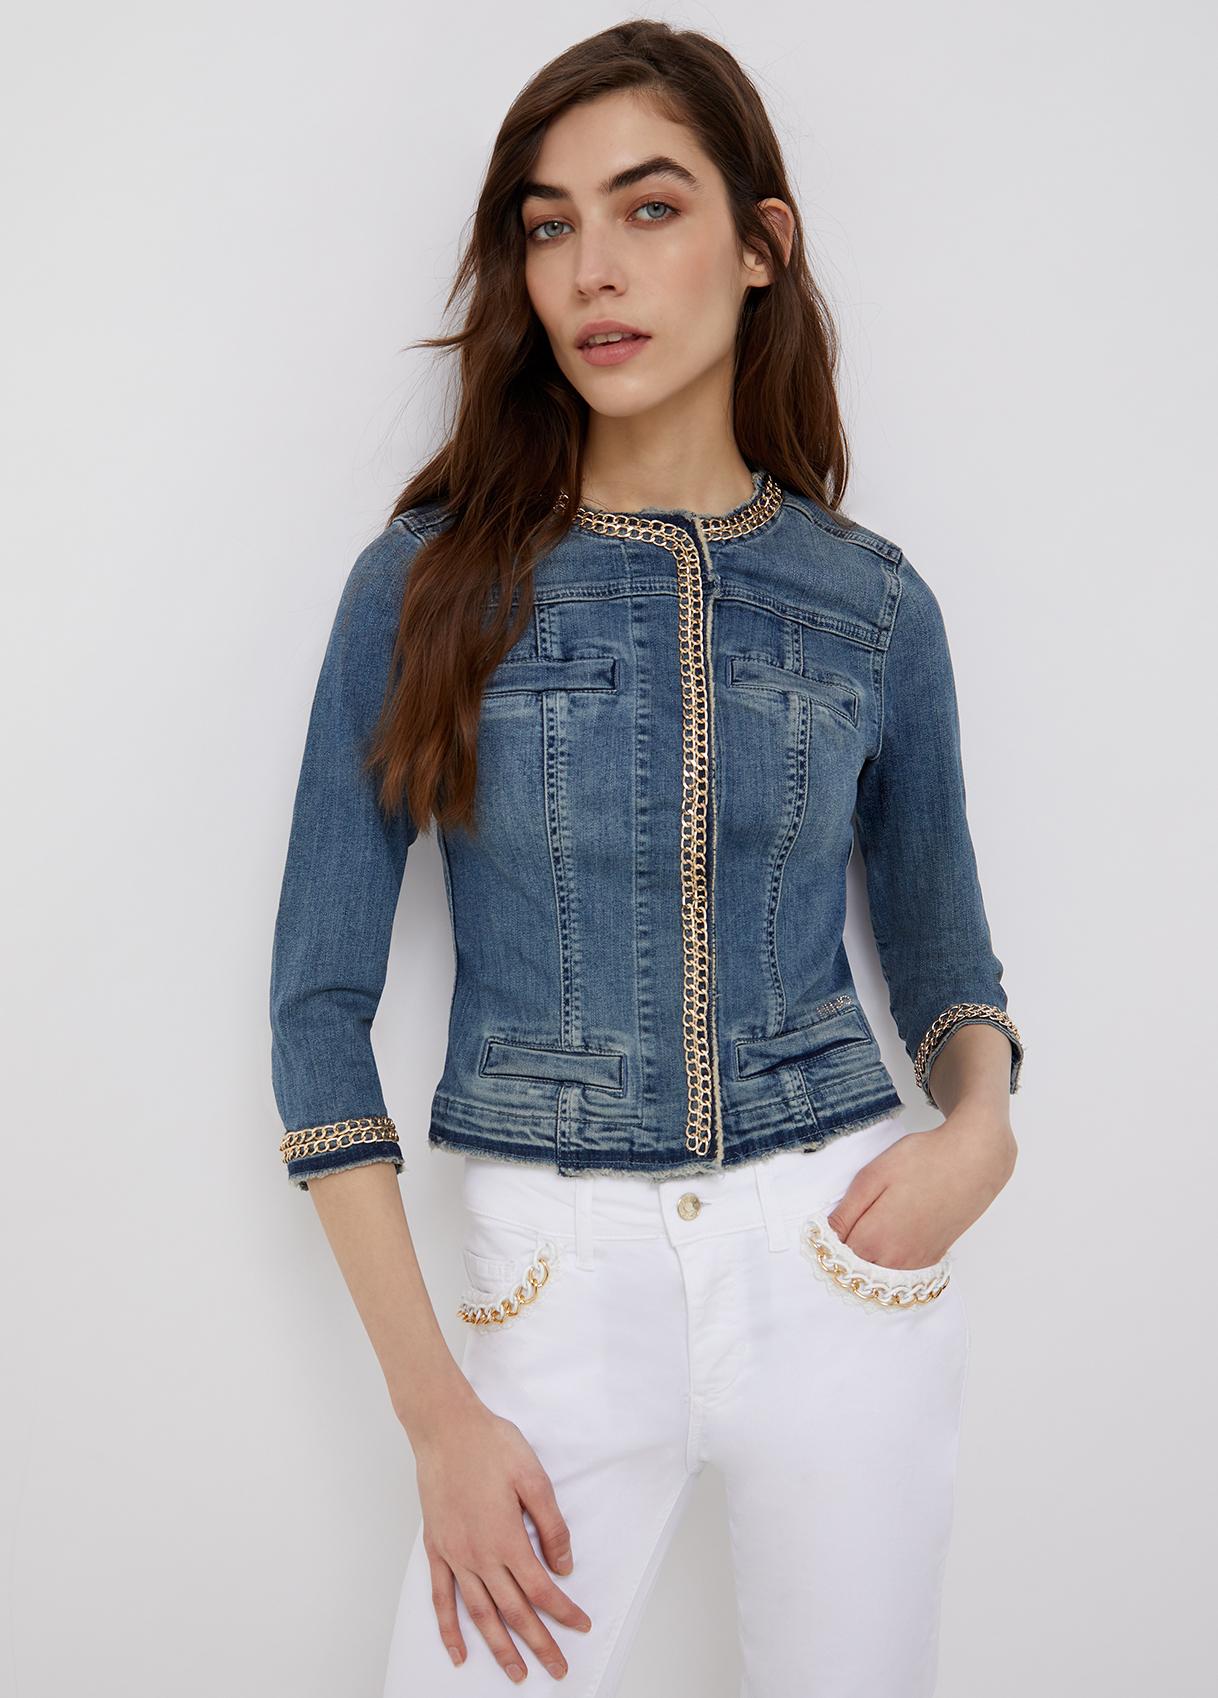 Giacca di jeans con decori gioiello-77556-liujo-large